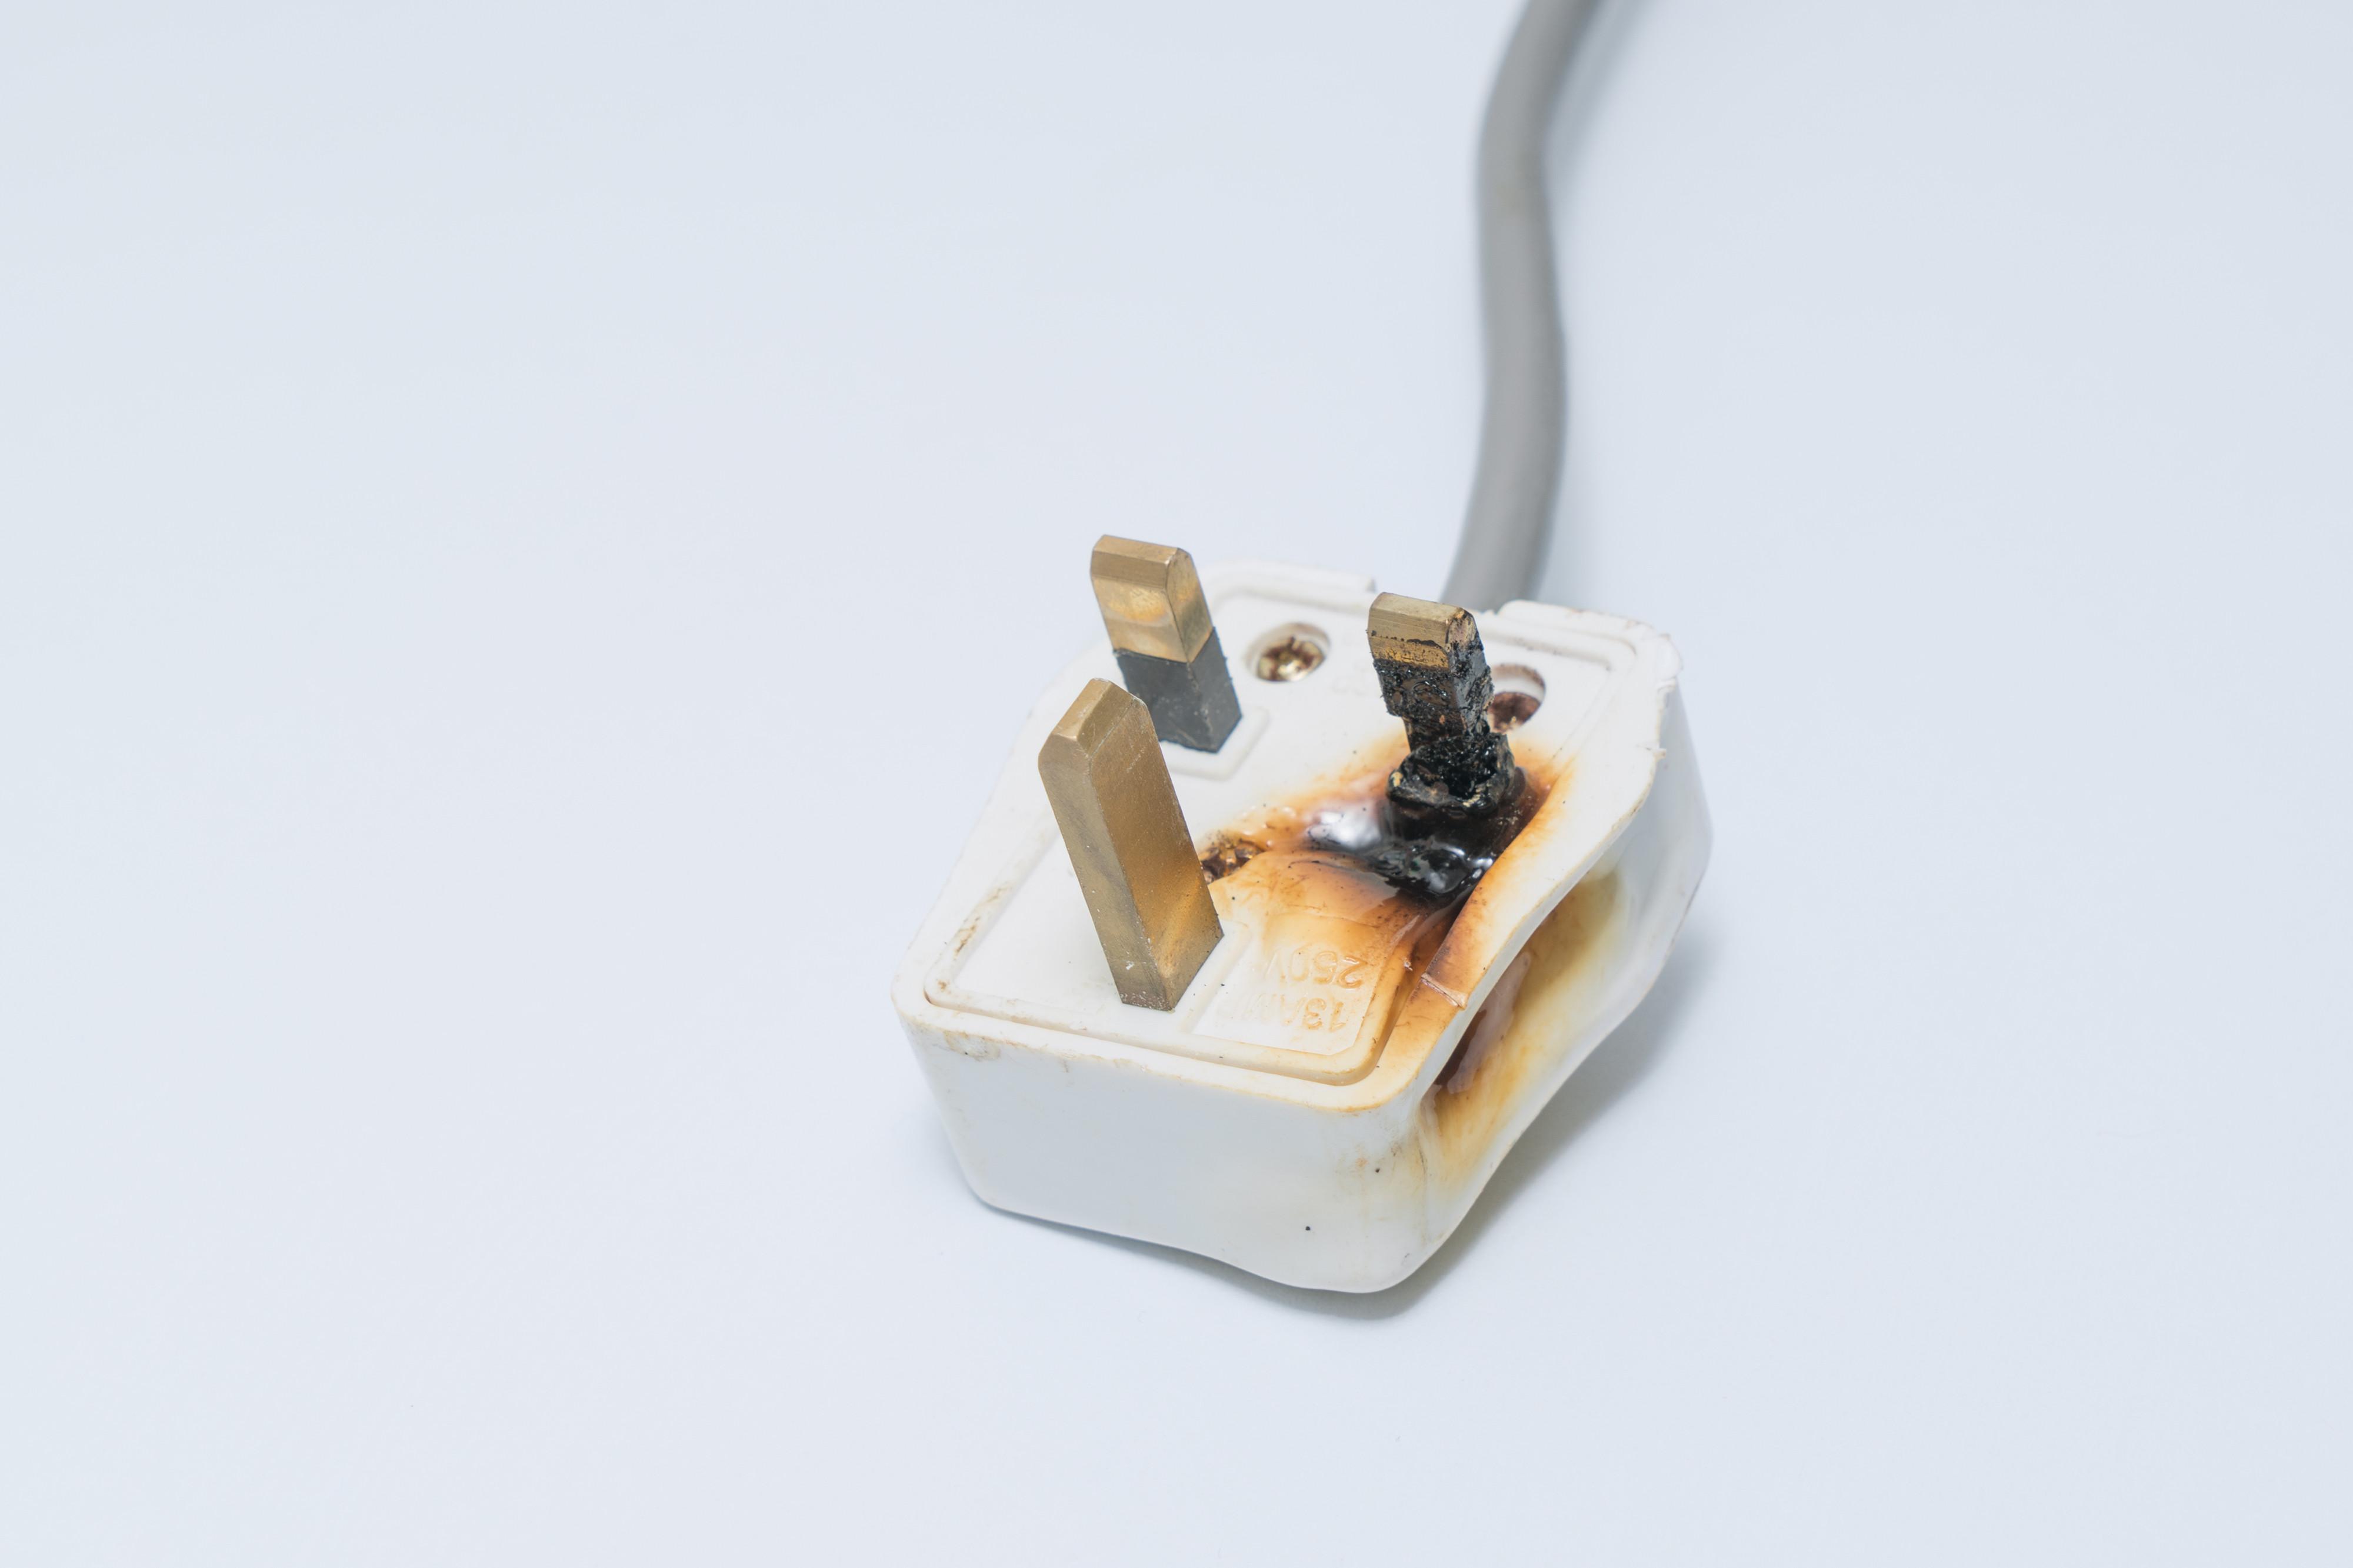 Electrical Repair & Fault Finding